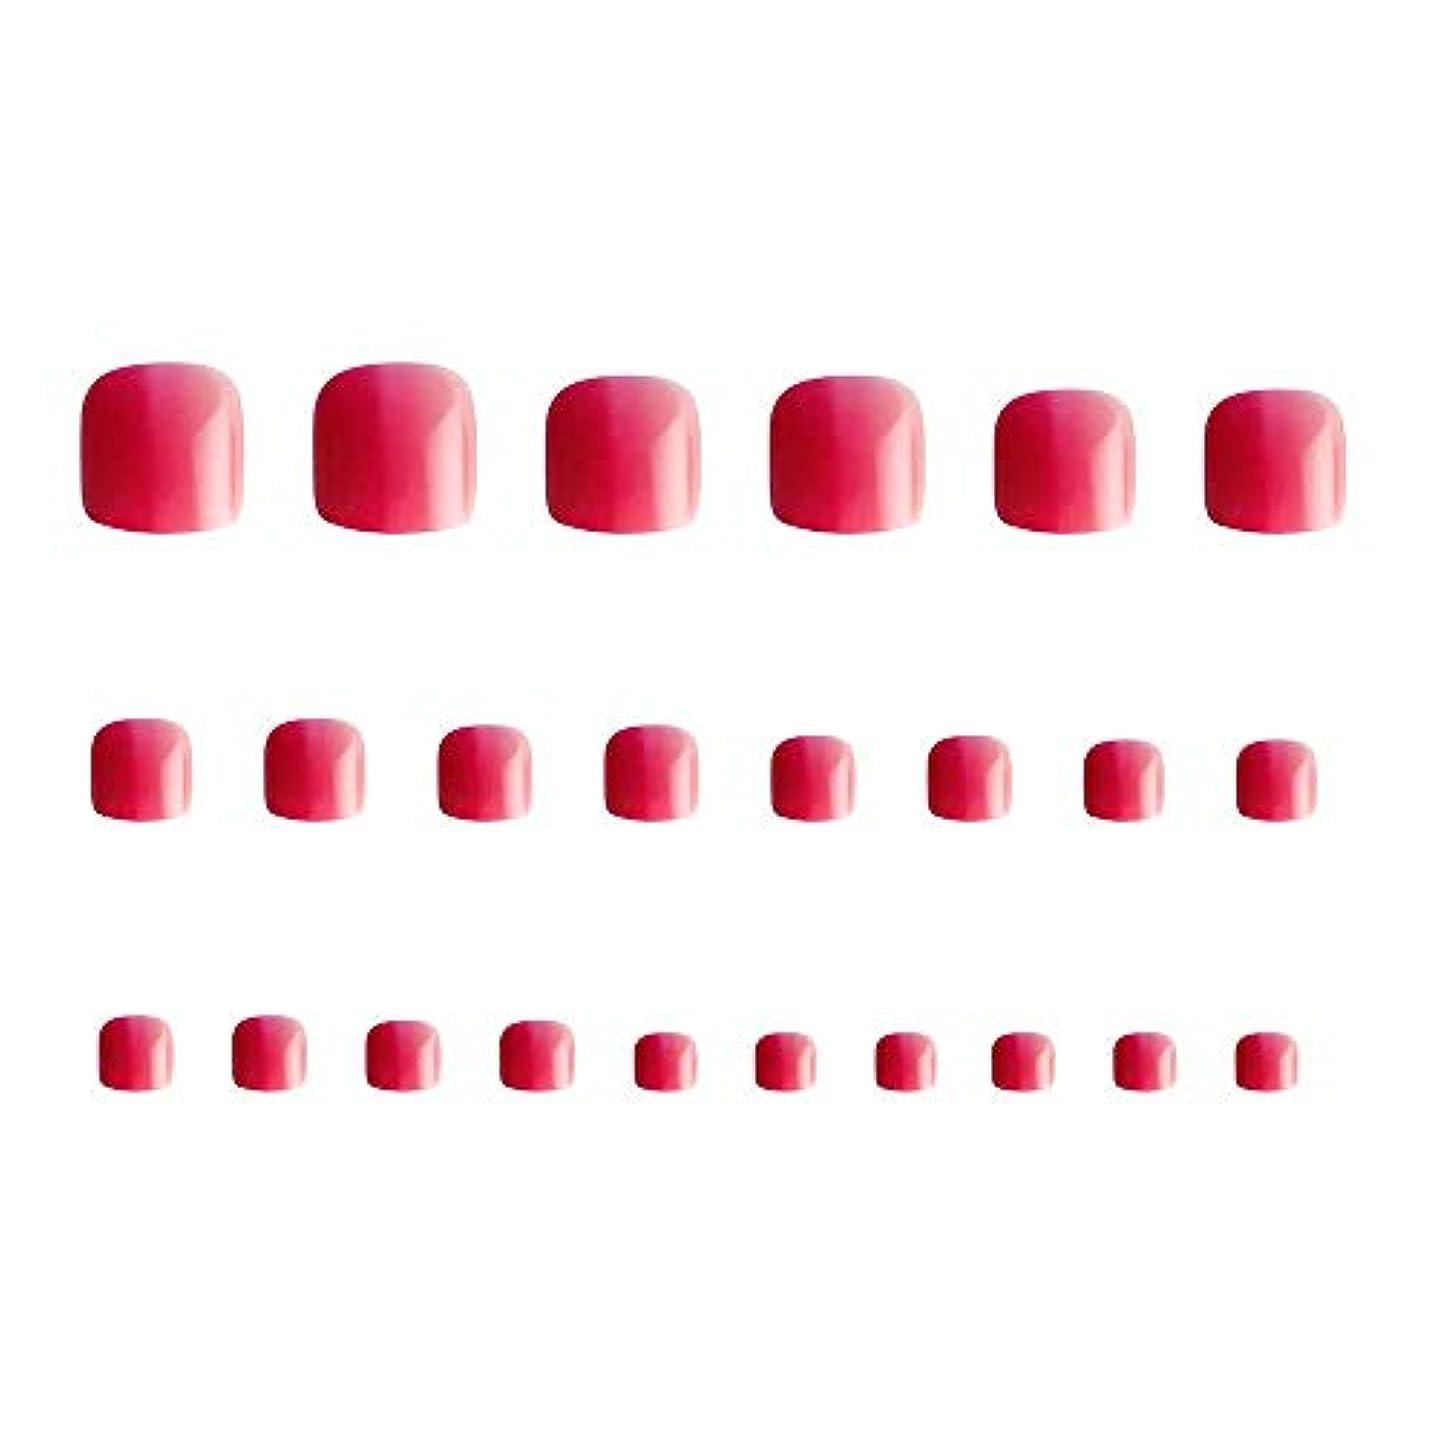 新鮮なアグネスグレイアーサーコナンドイル24枚 12別サイズ つや 足の爪 ピンク グラデーション 短い 四角形ネイルチップ フルカバー